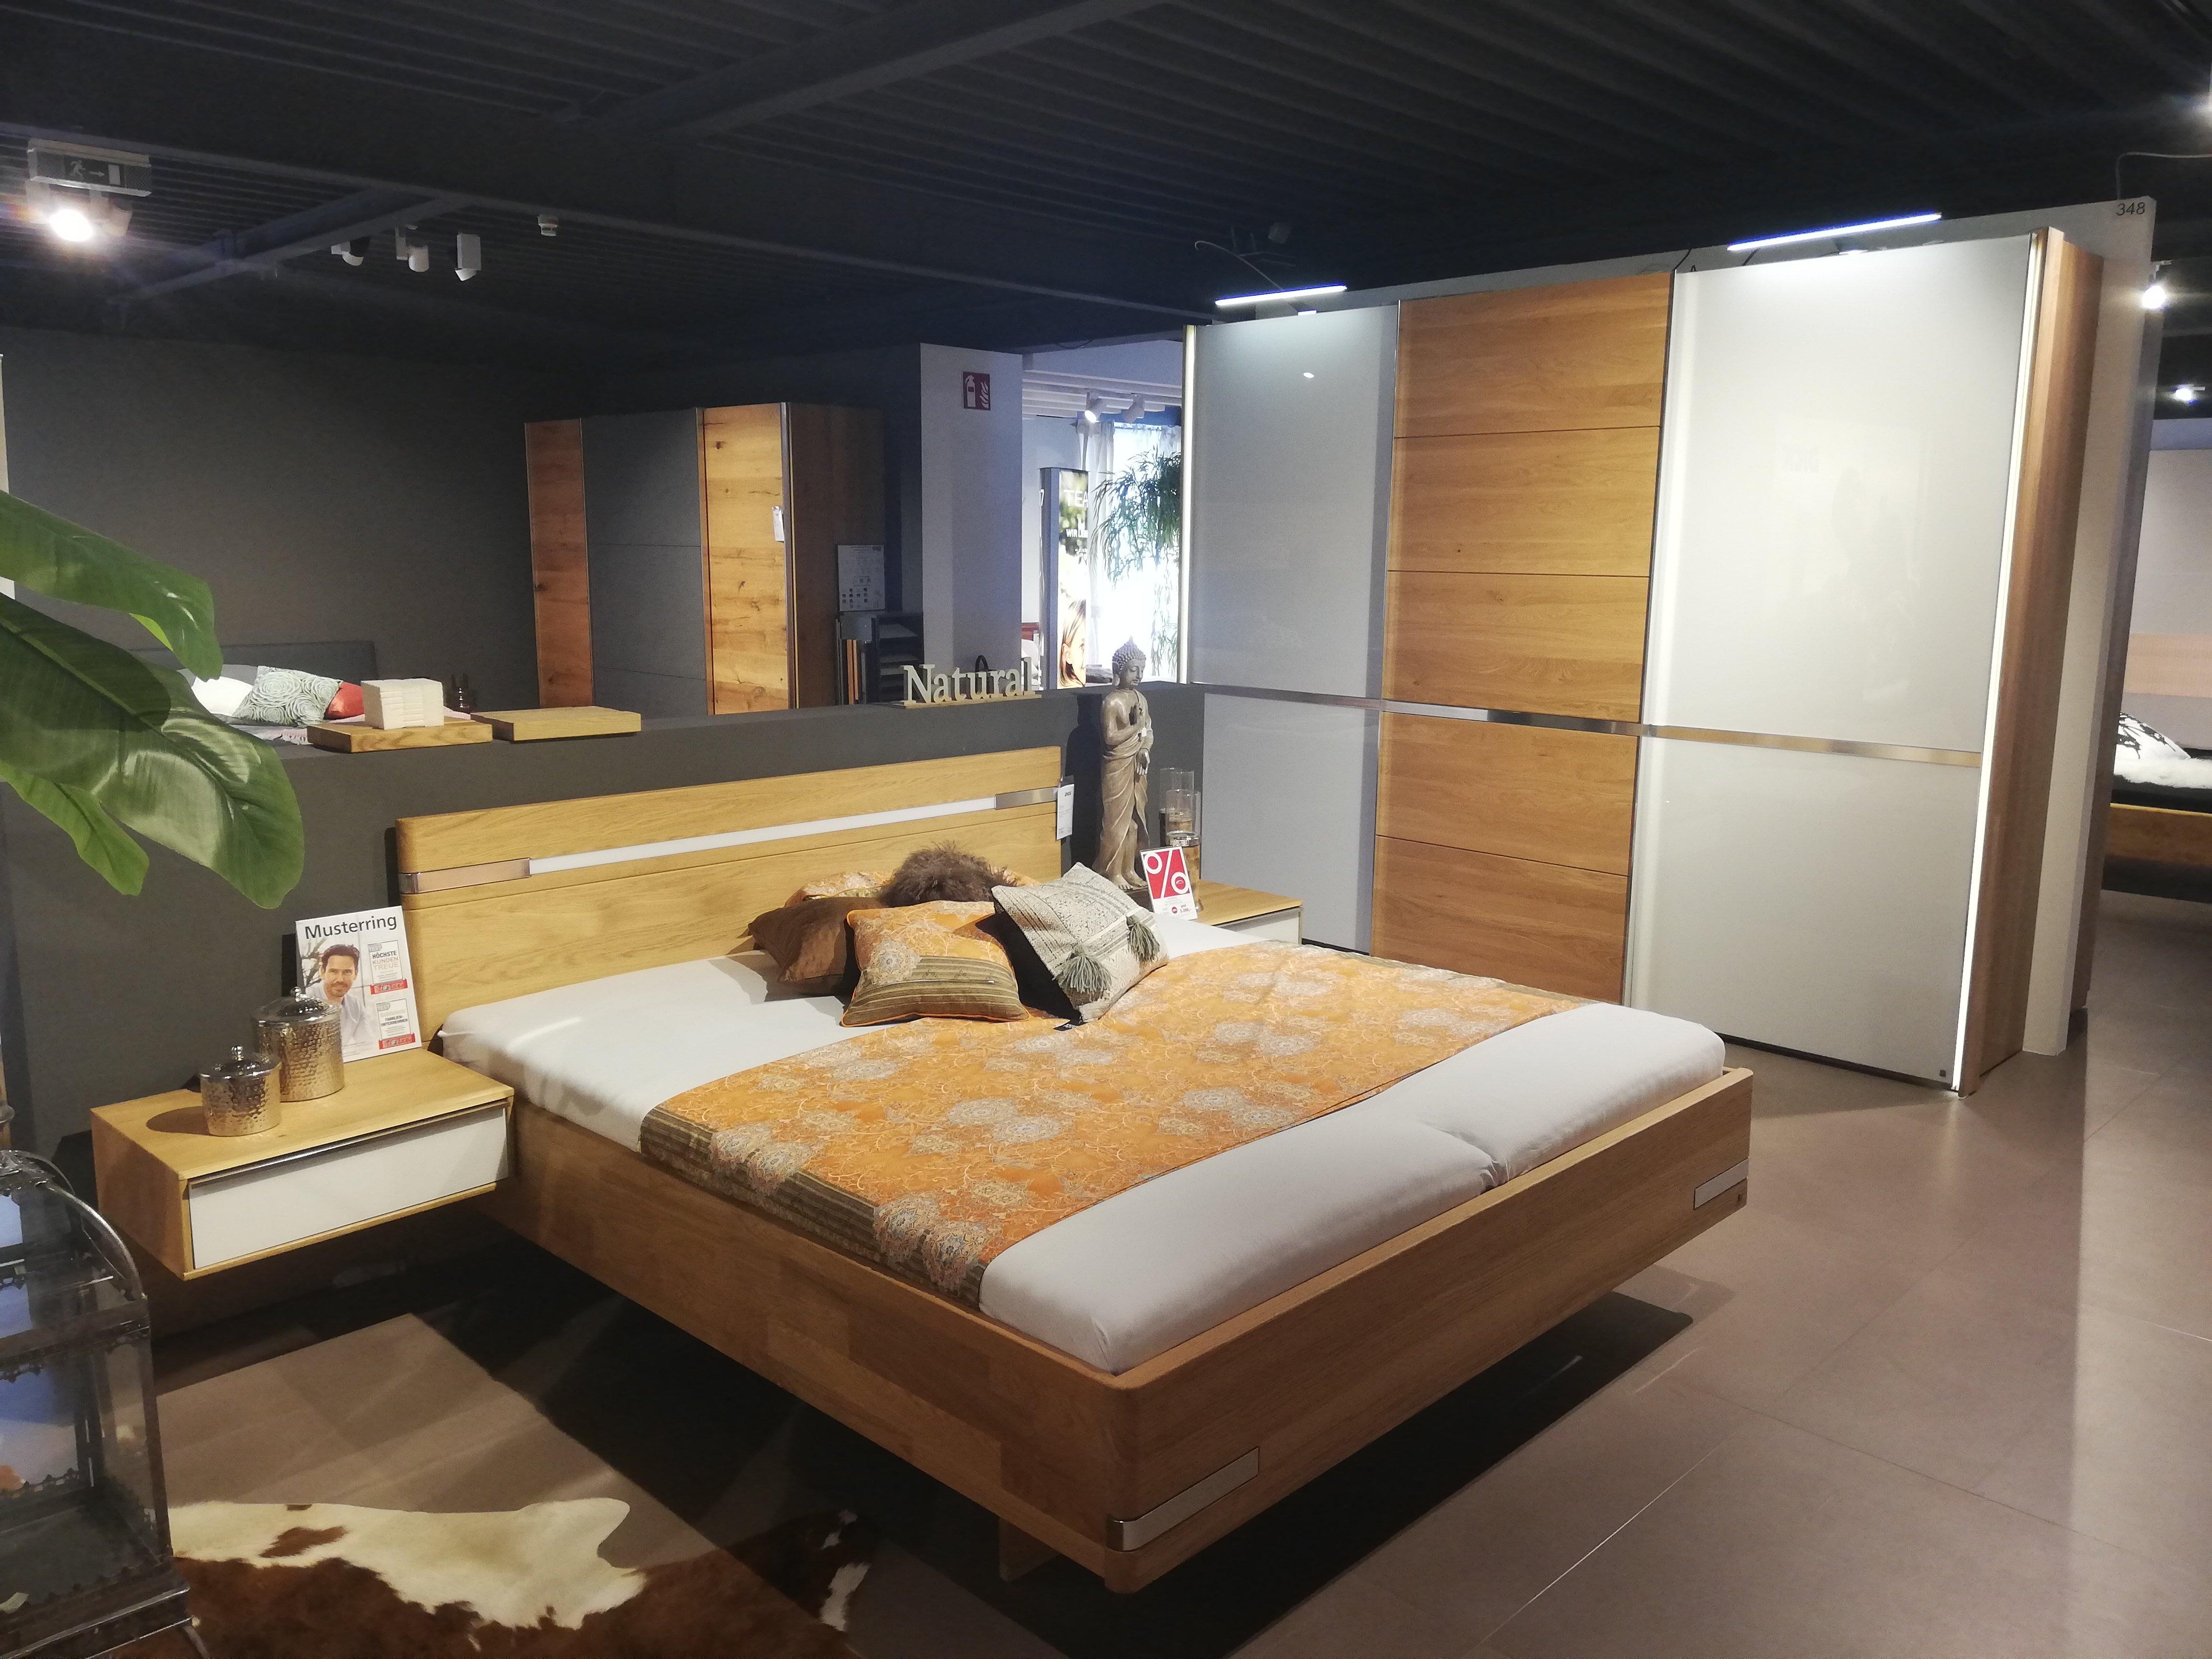 Musterring Savona Schlafzimmer